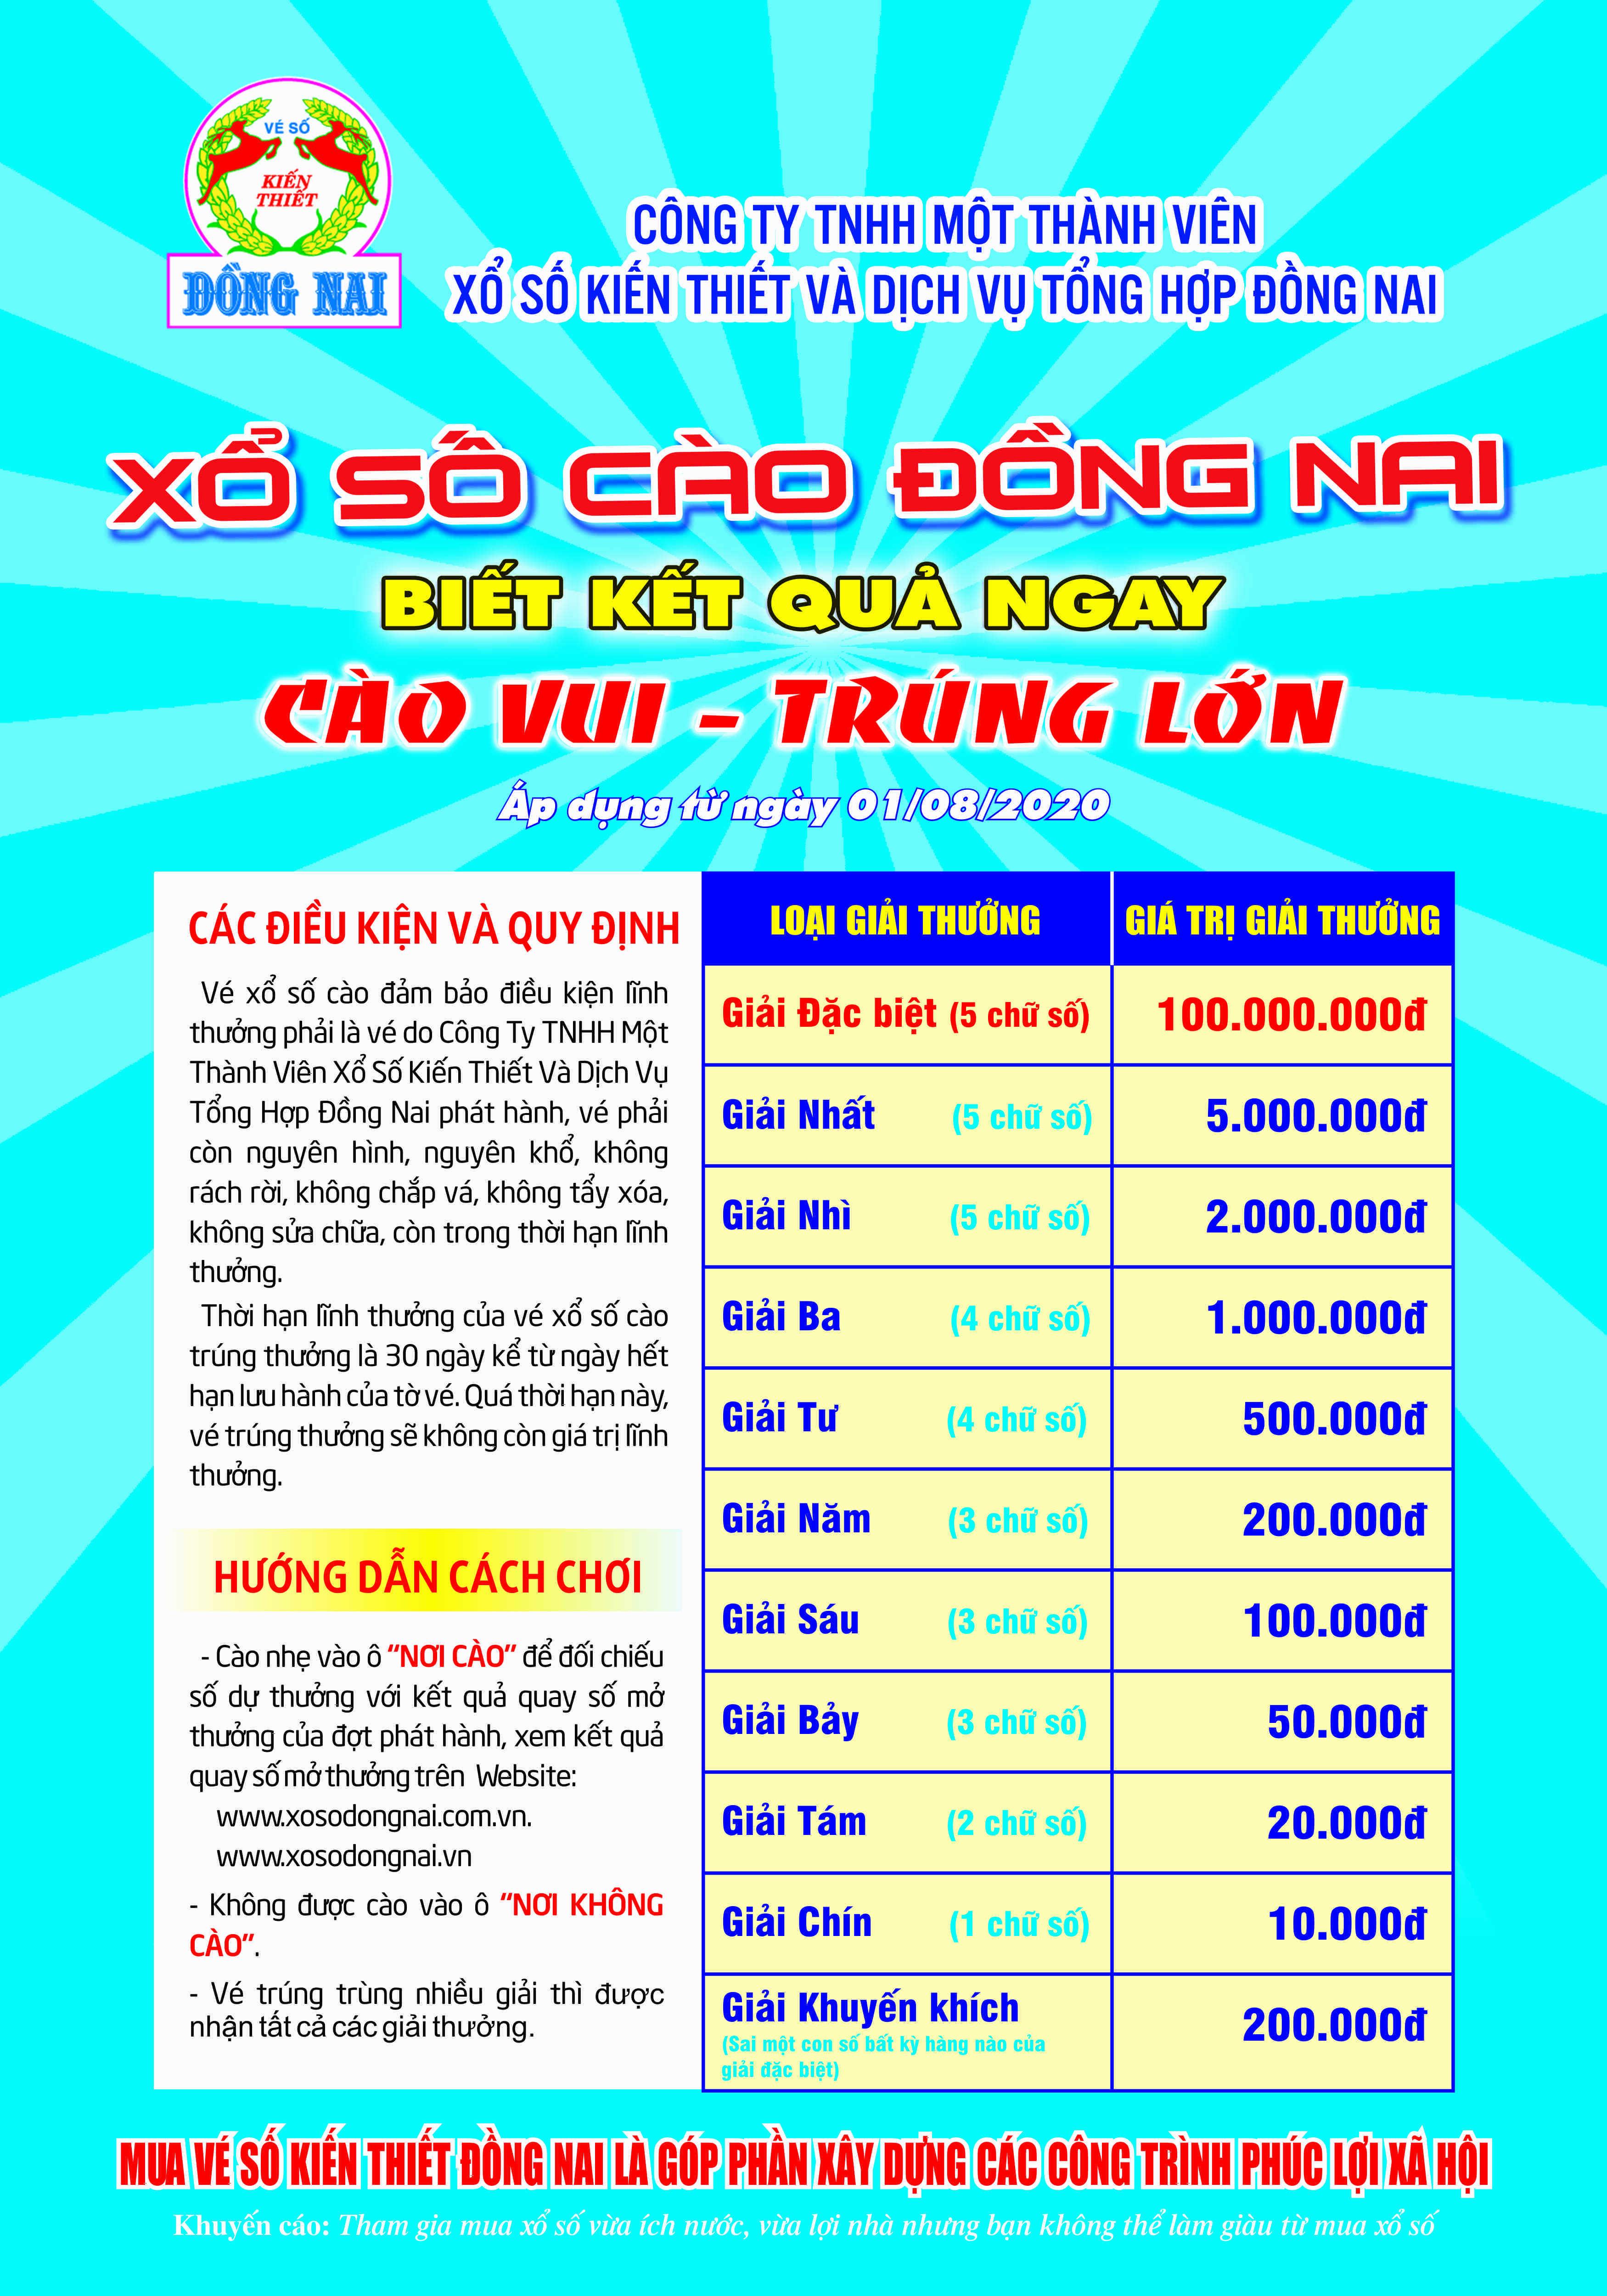 xổ số cào Đồng Nai